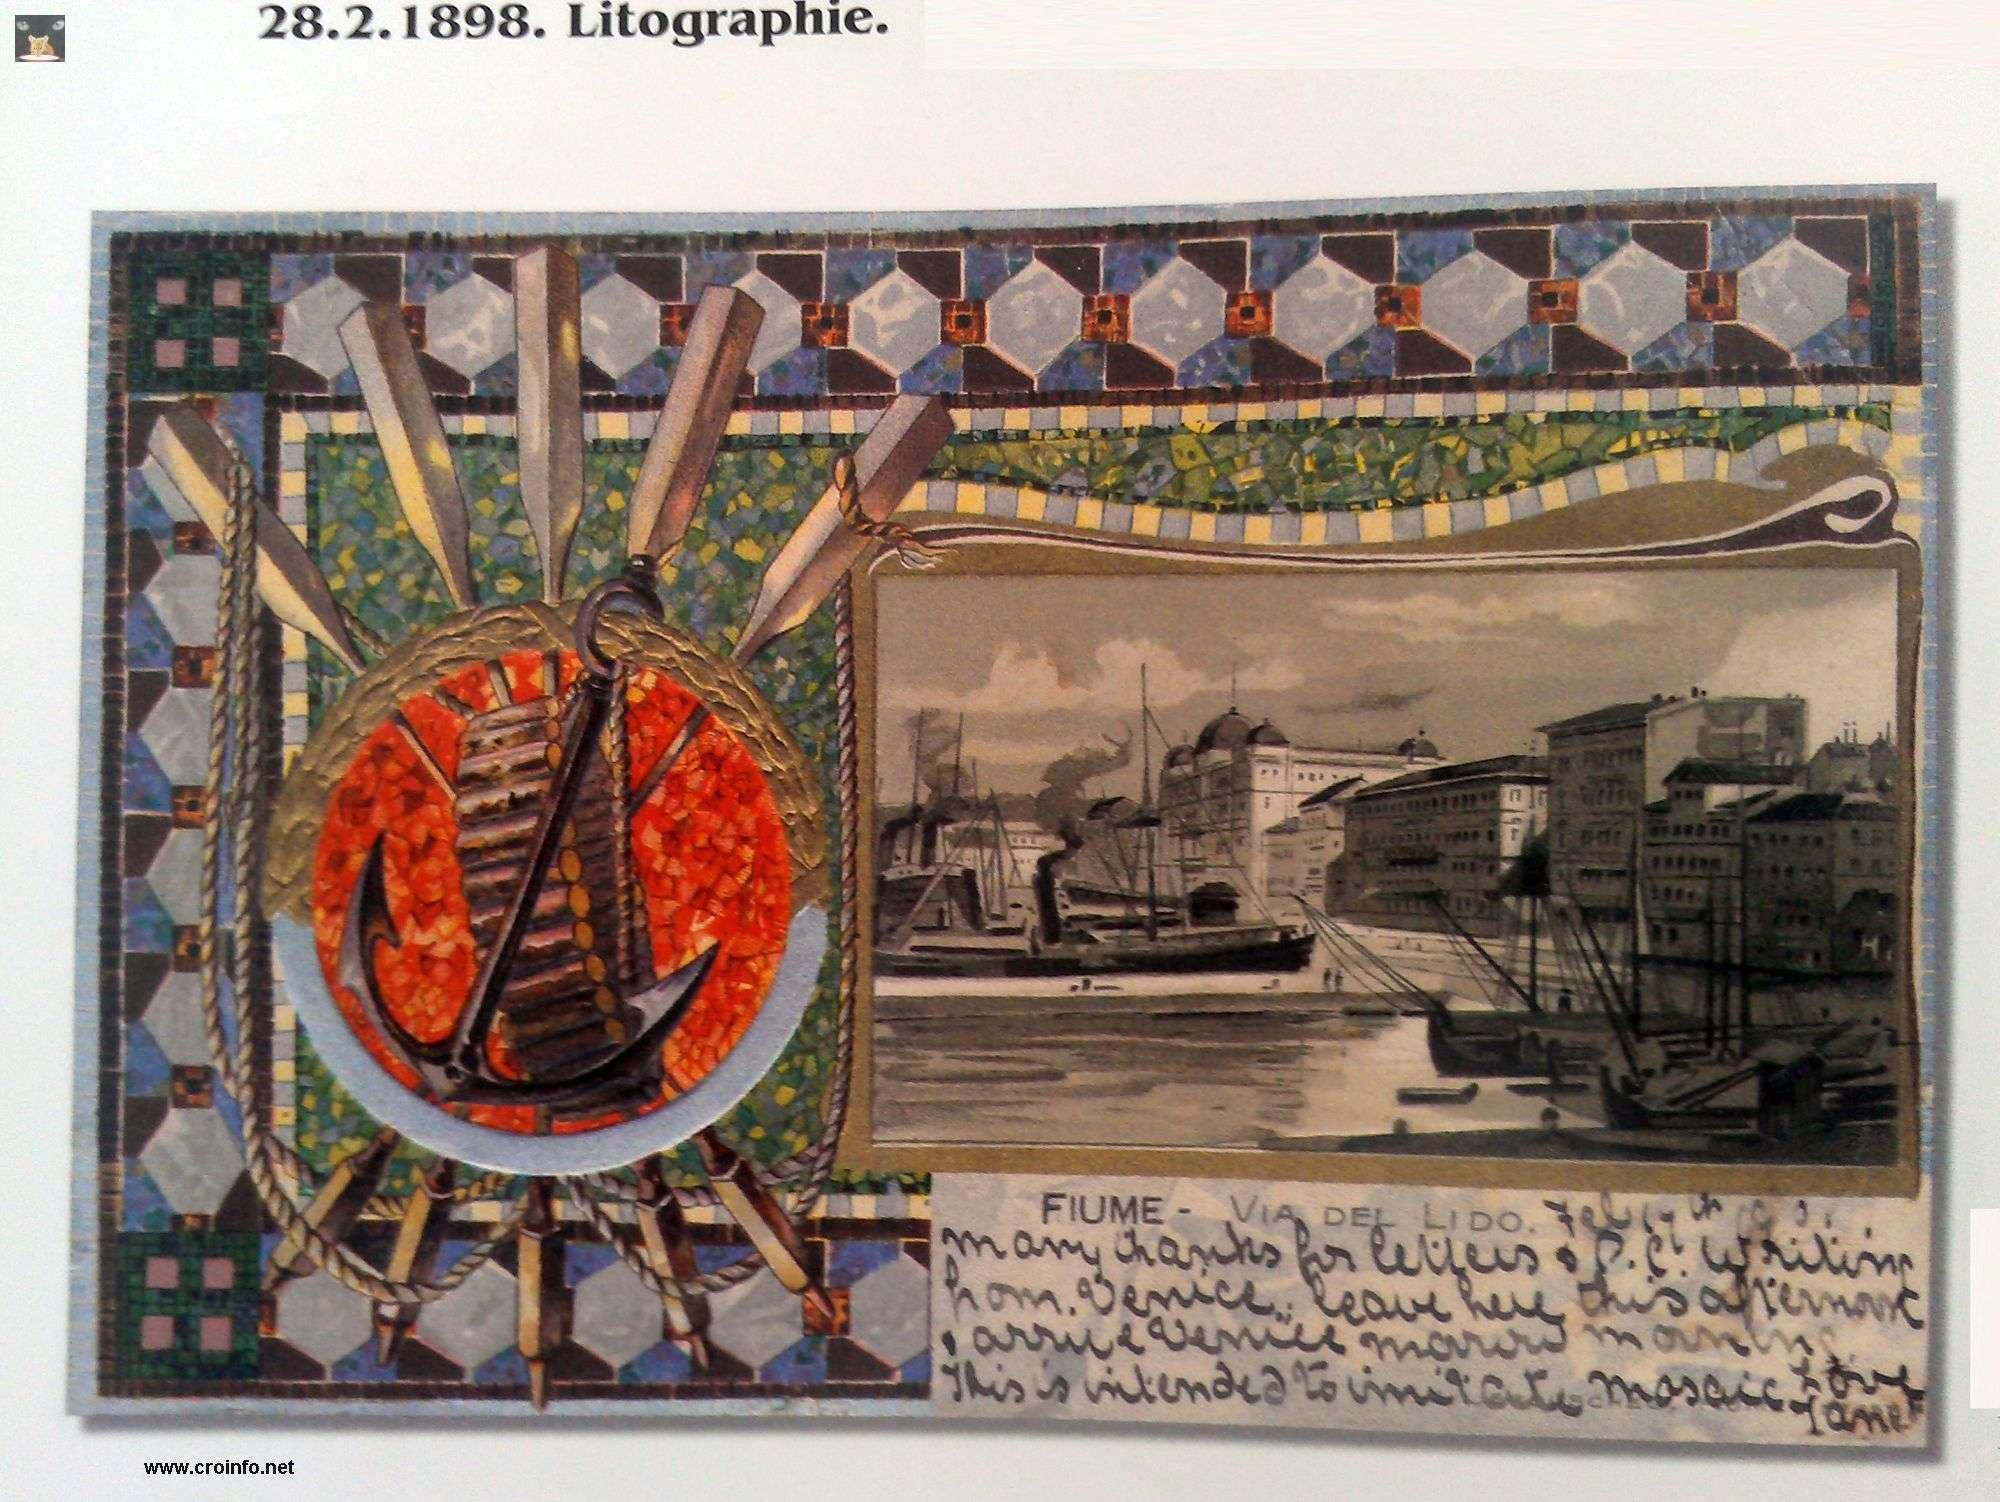 litografija Rijeke 1898. godine